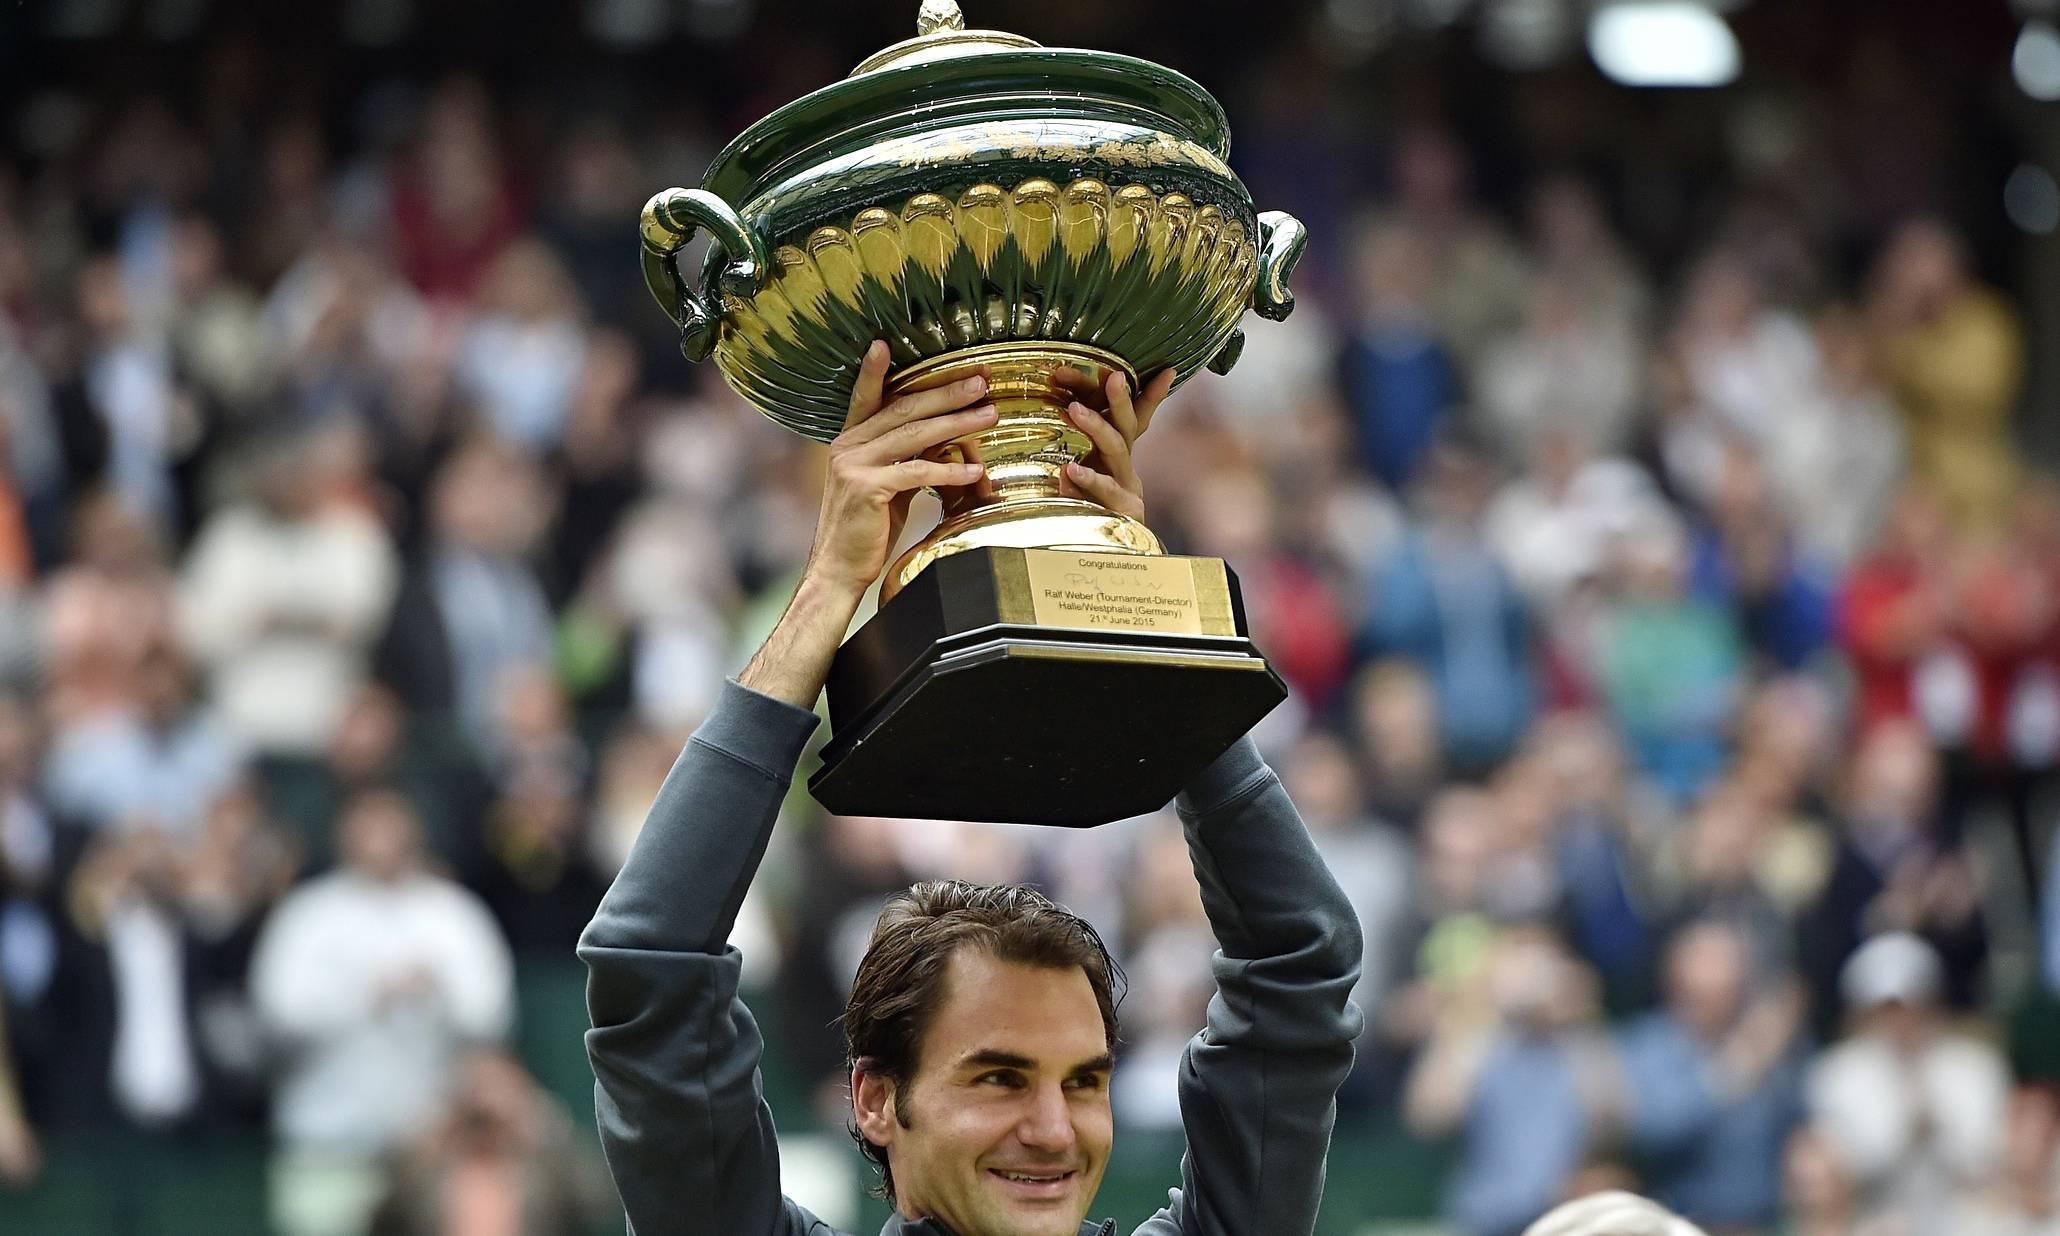 Rolex Roger Federer Halle